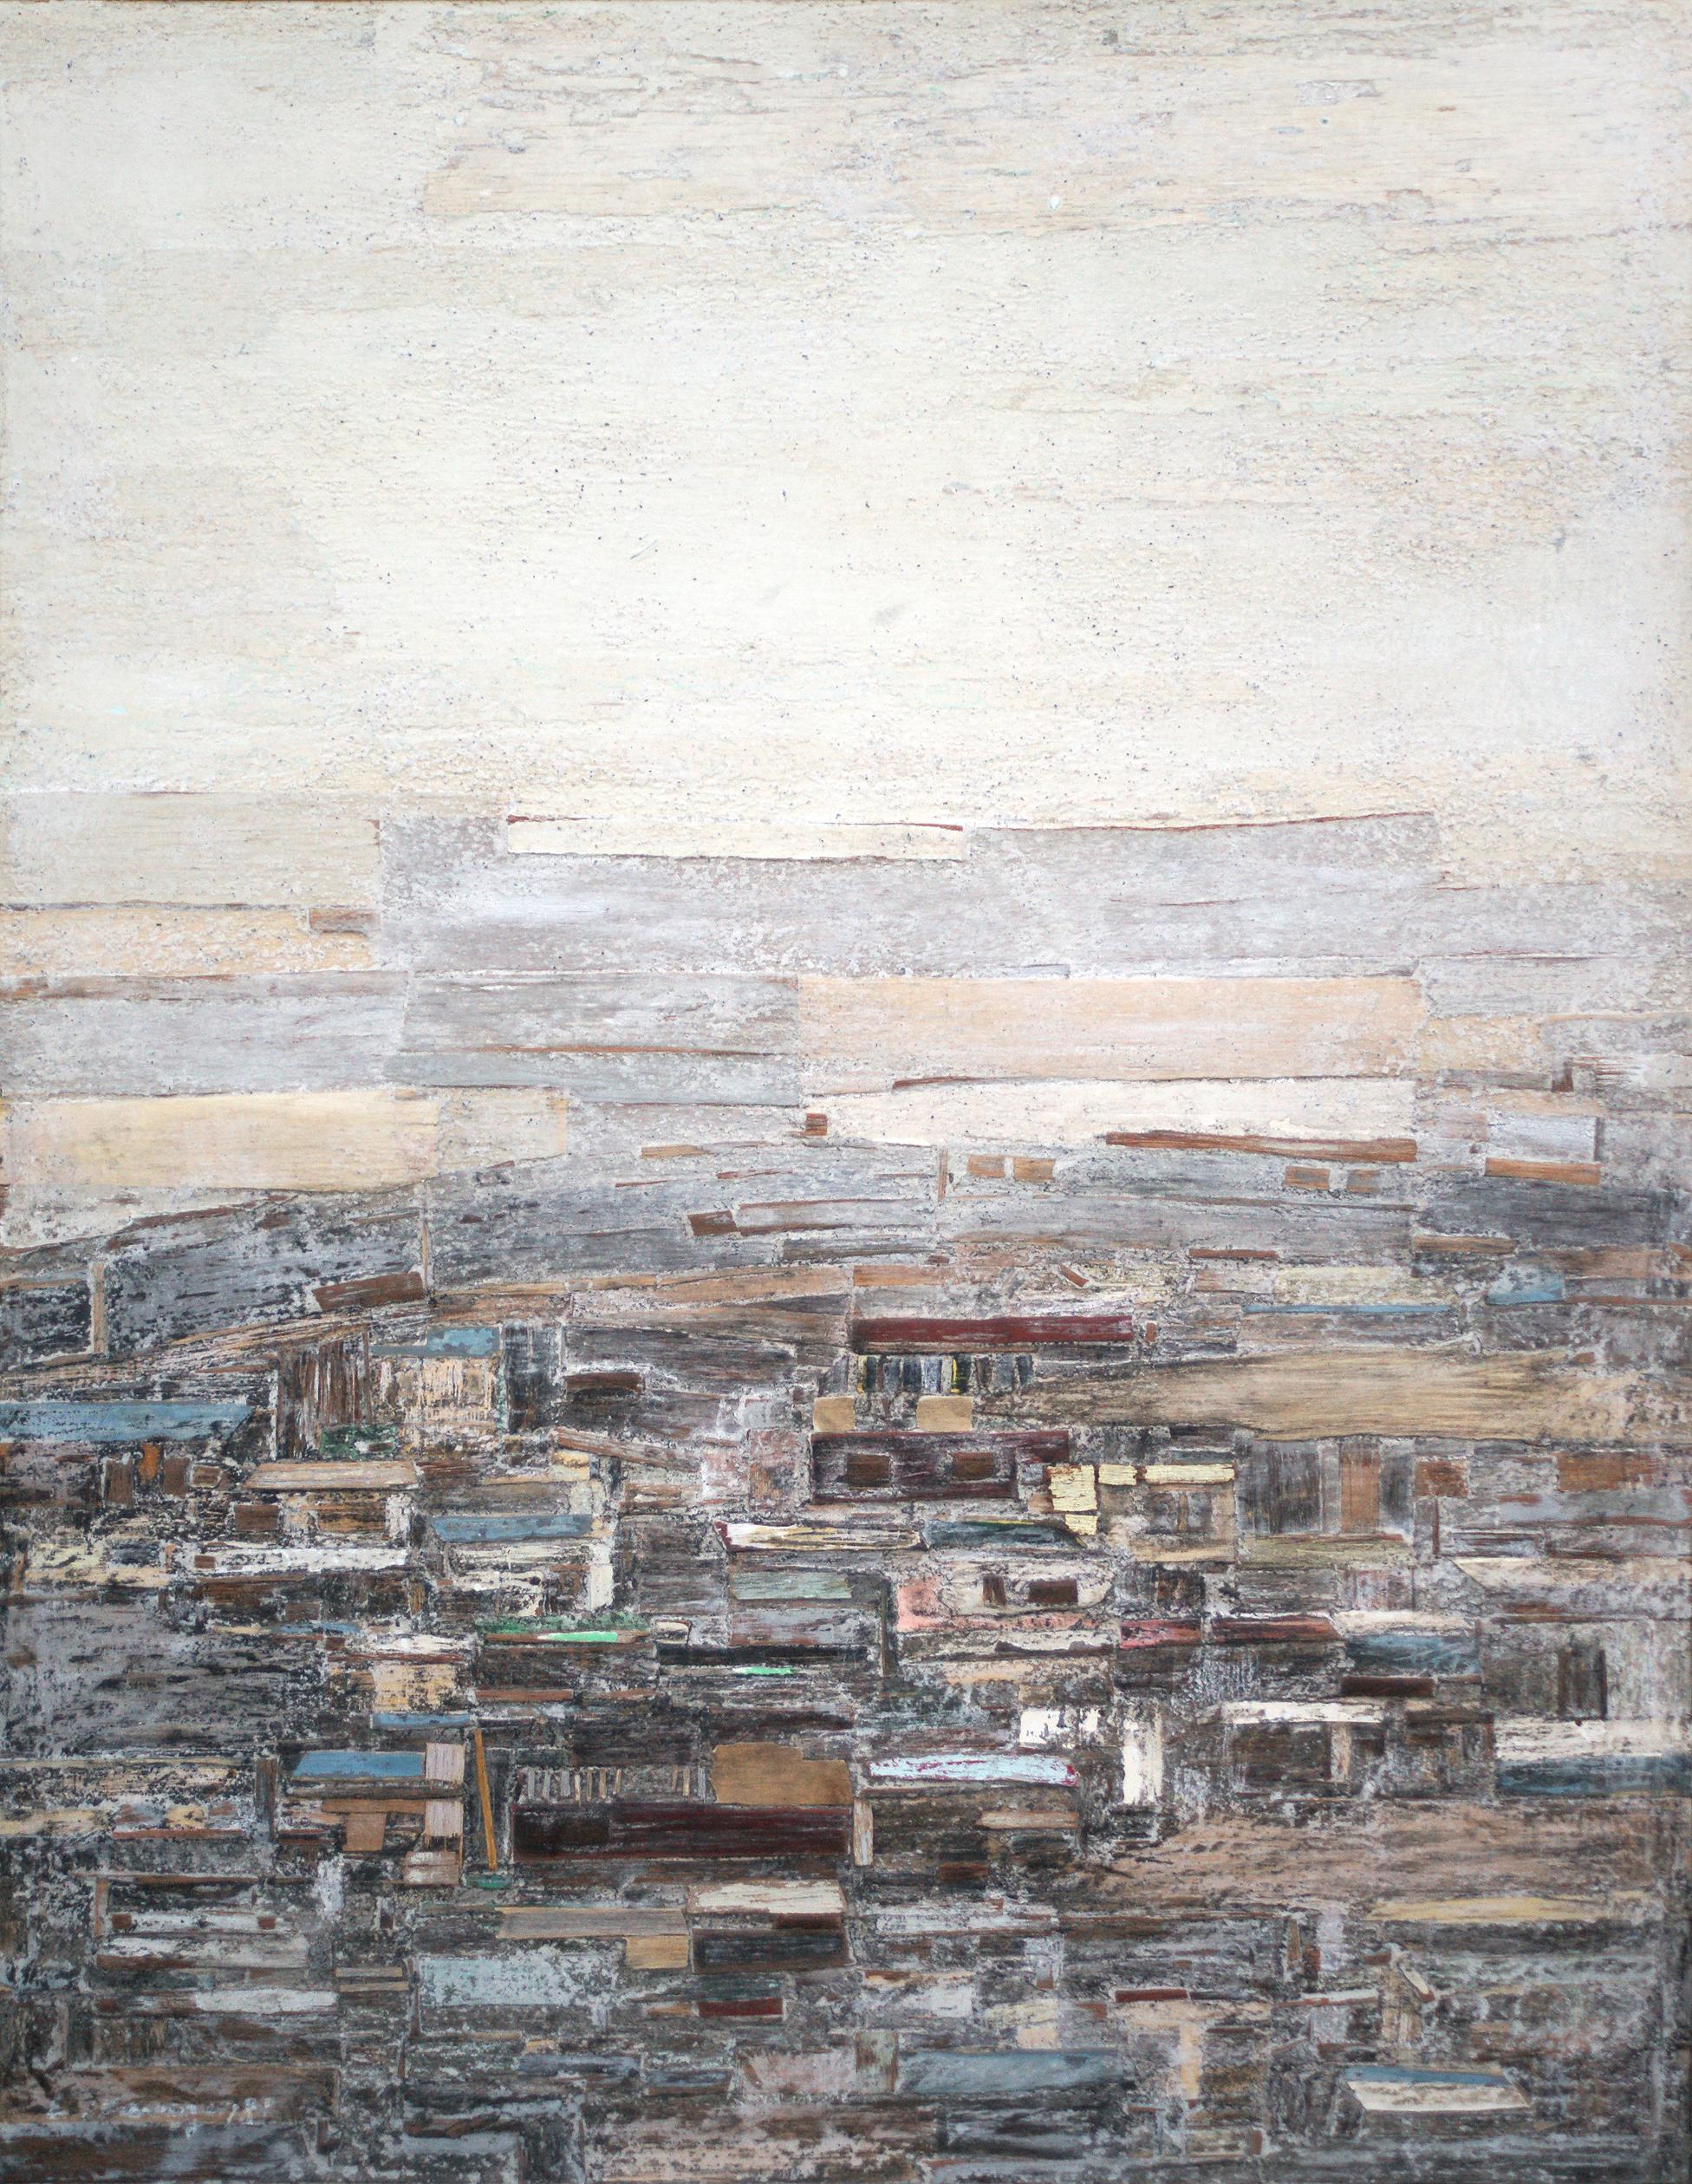 001, 이부강, moved landscape G, 41 x 53 cm,